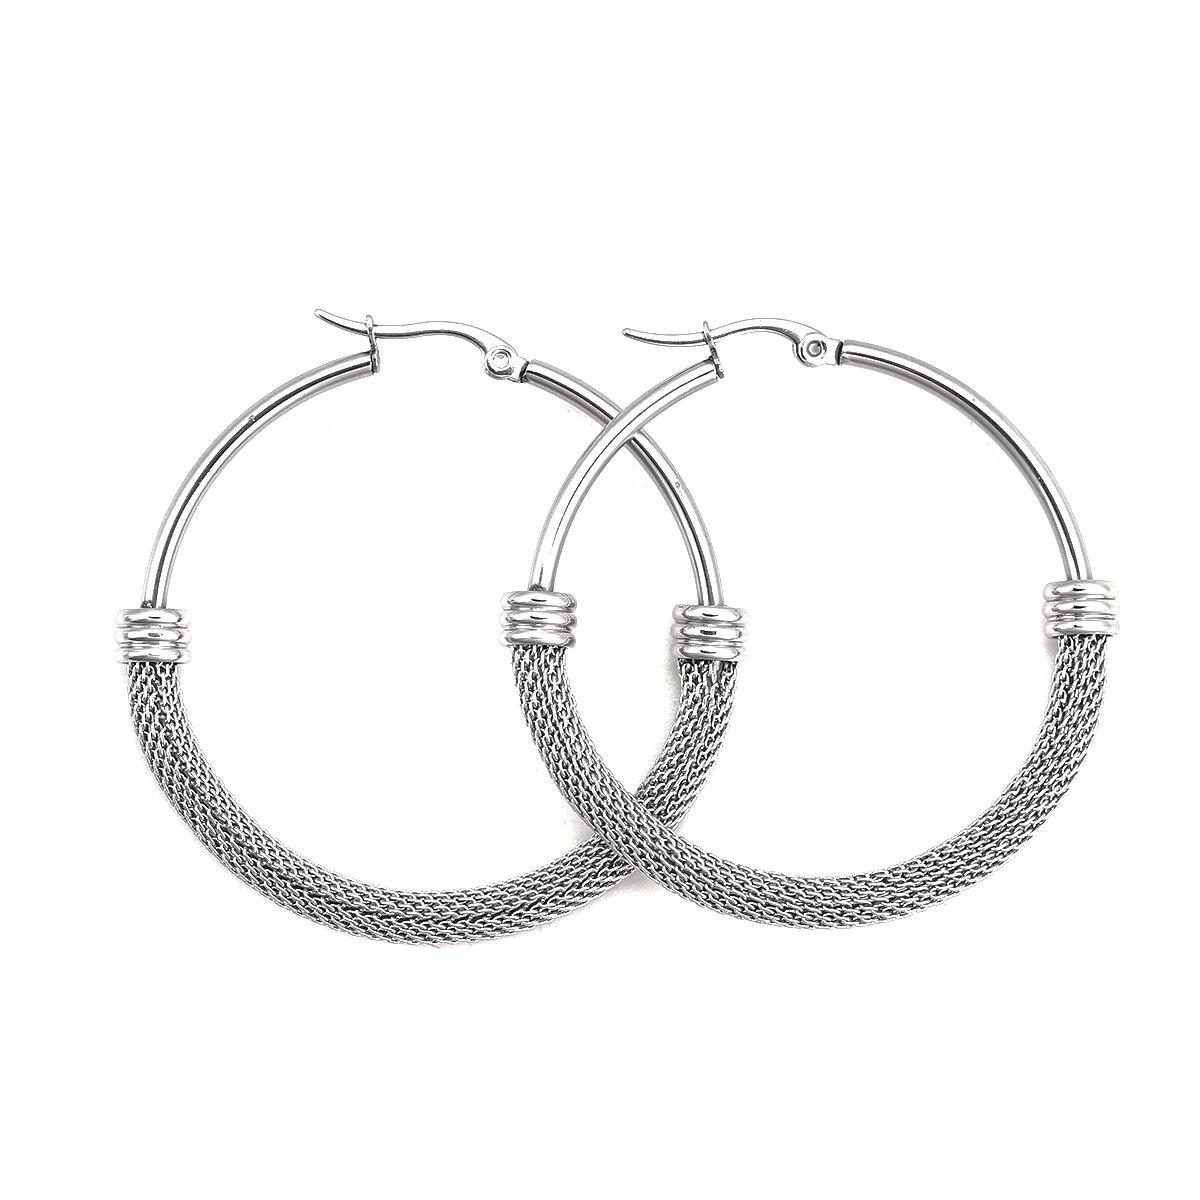 Doreen Box 304 серьги-кольца из нержавеющей стали серебряные круглые серьги ювелирные изделия Размер: (18 калибр), 1 пара